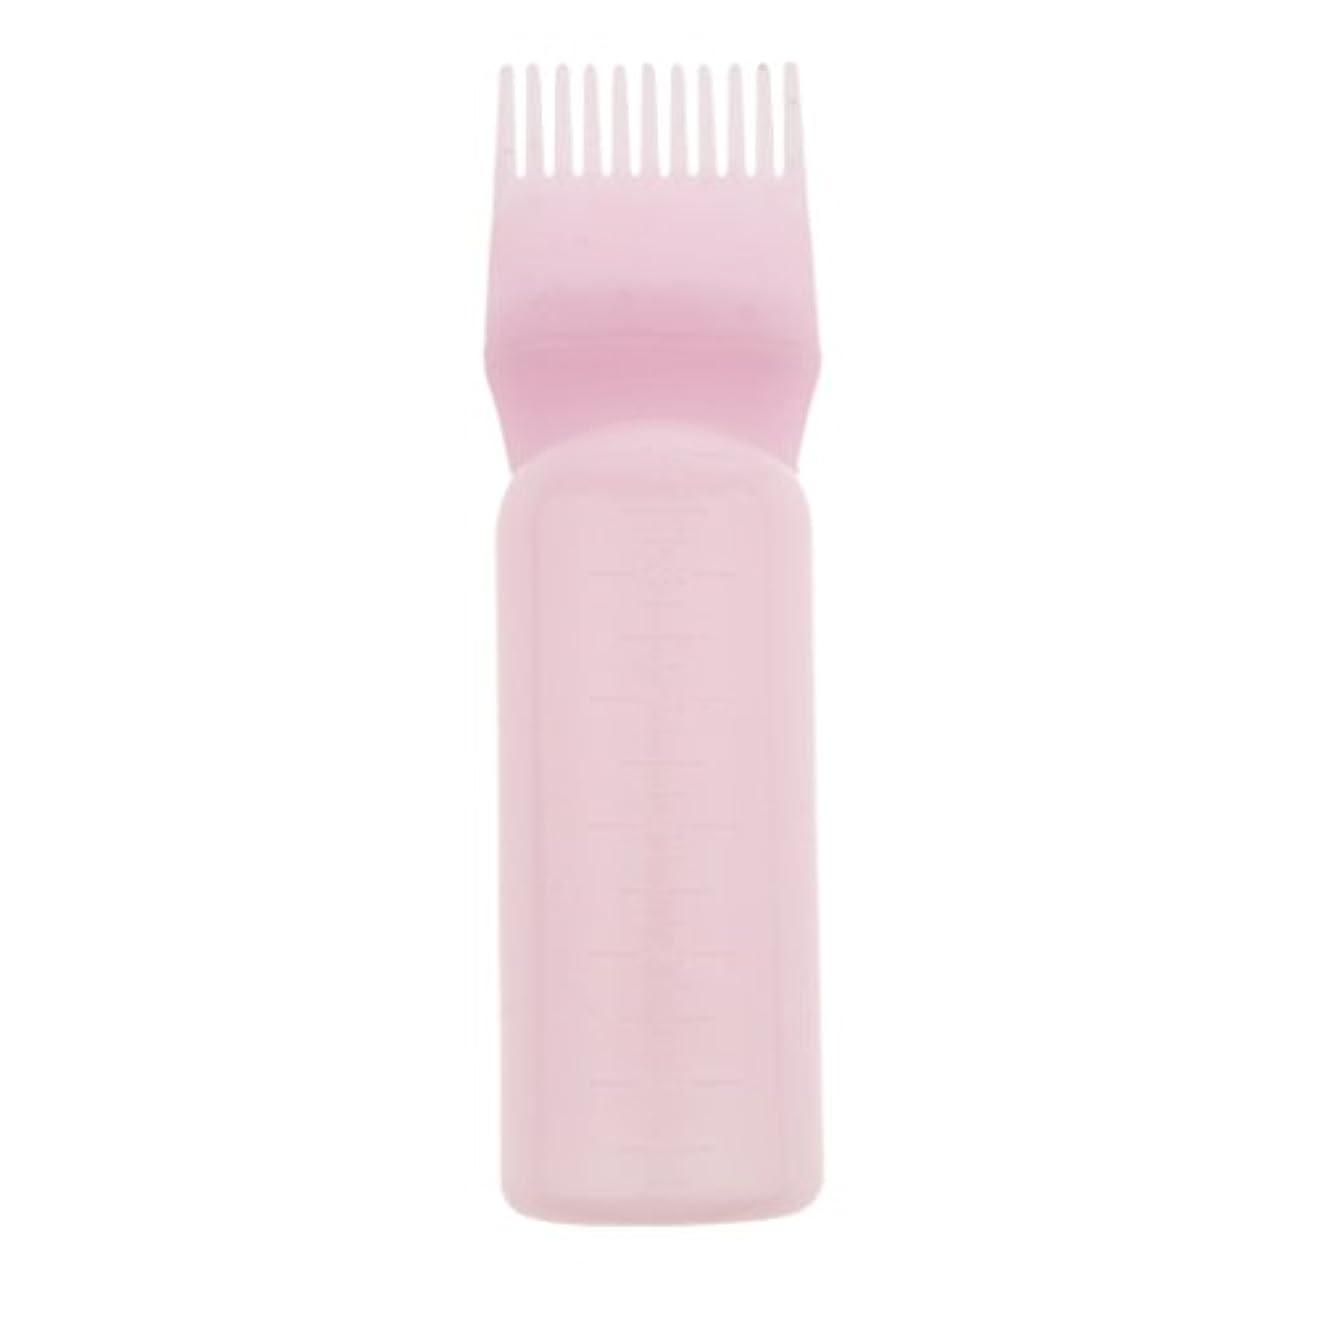 酸っぱい寝室を掃除する信頼髪染め ヘアカラー ヘアダイ ボトル ディスペンサーブラシ ヘアサロン 2タイプ選べる - ピンク